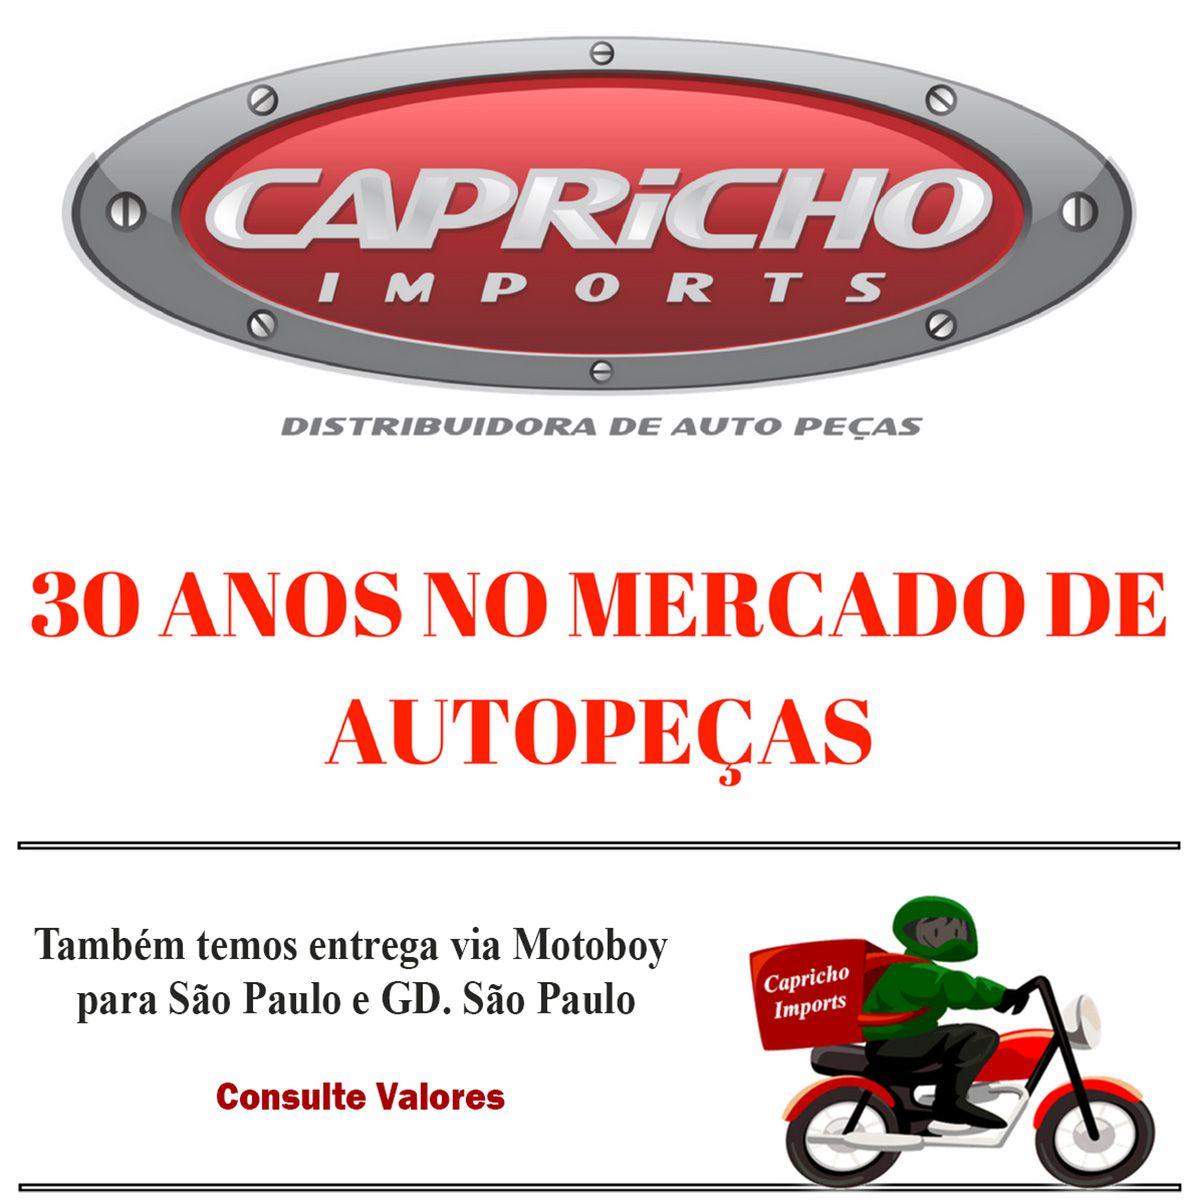 Bandeja Dianteira Lado Direito Citroen C4 / C4 Picasso - Peugeot 307